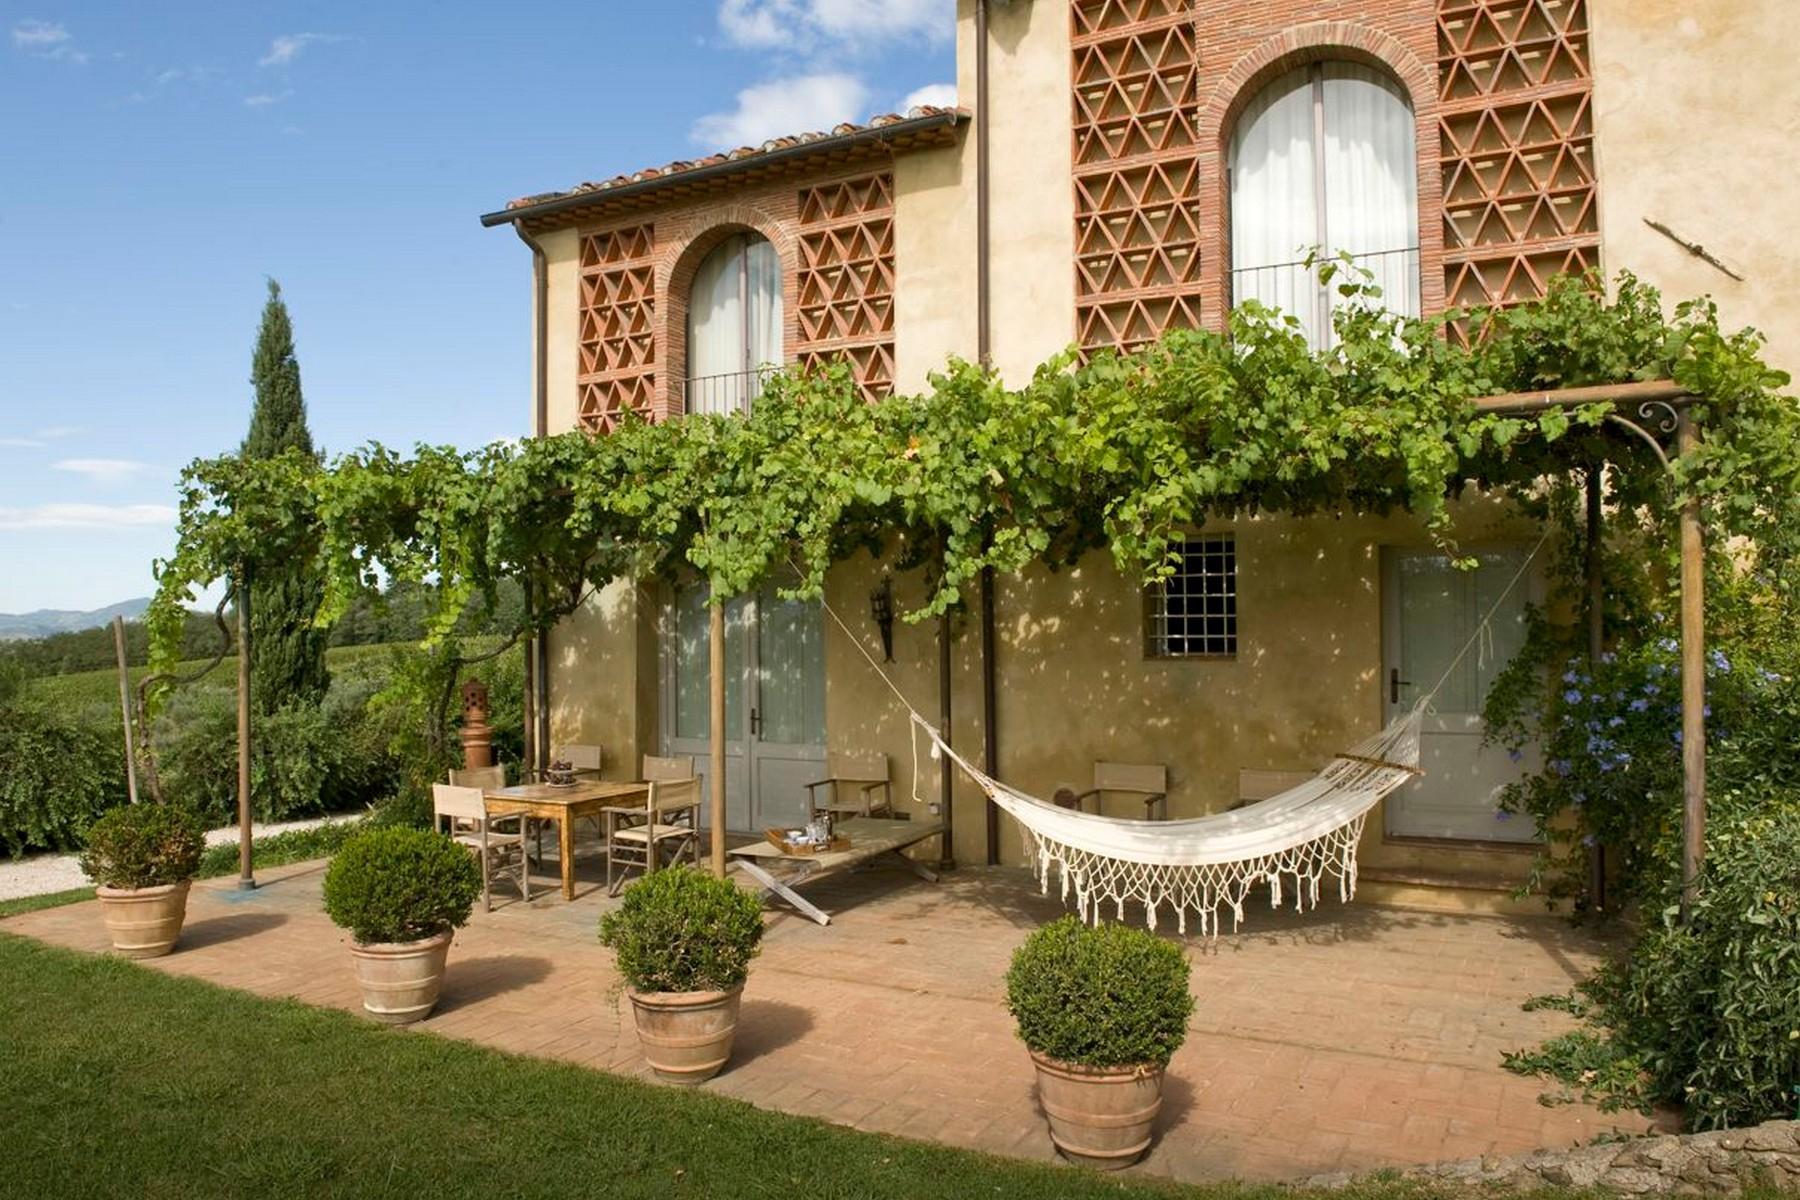 Fantastique maison de campagne avec lac privé sur les collines  de Lucca - 2